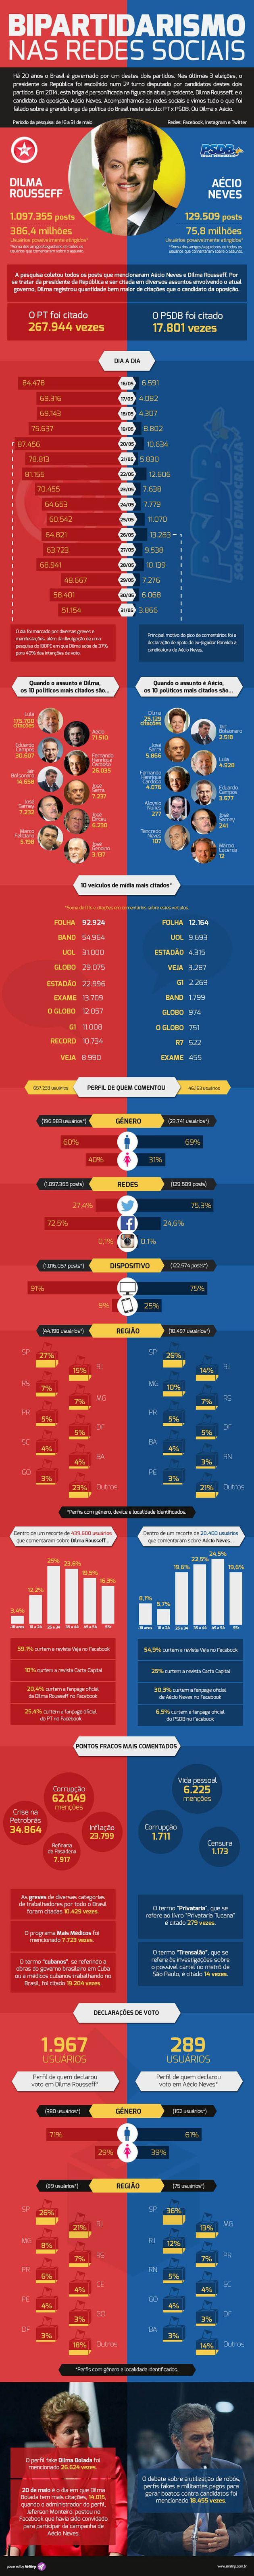 Eleições 2014: infográfico mostra disputa entre Dilma e Aécio nas redes